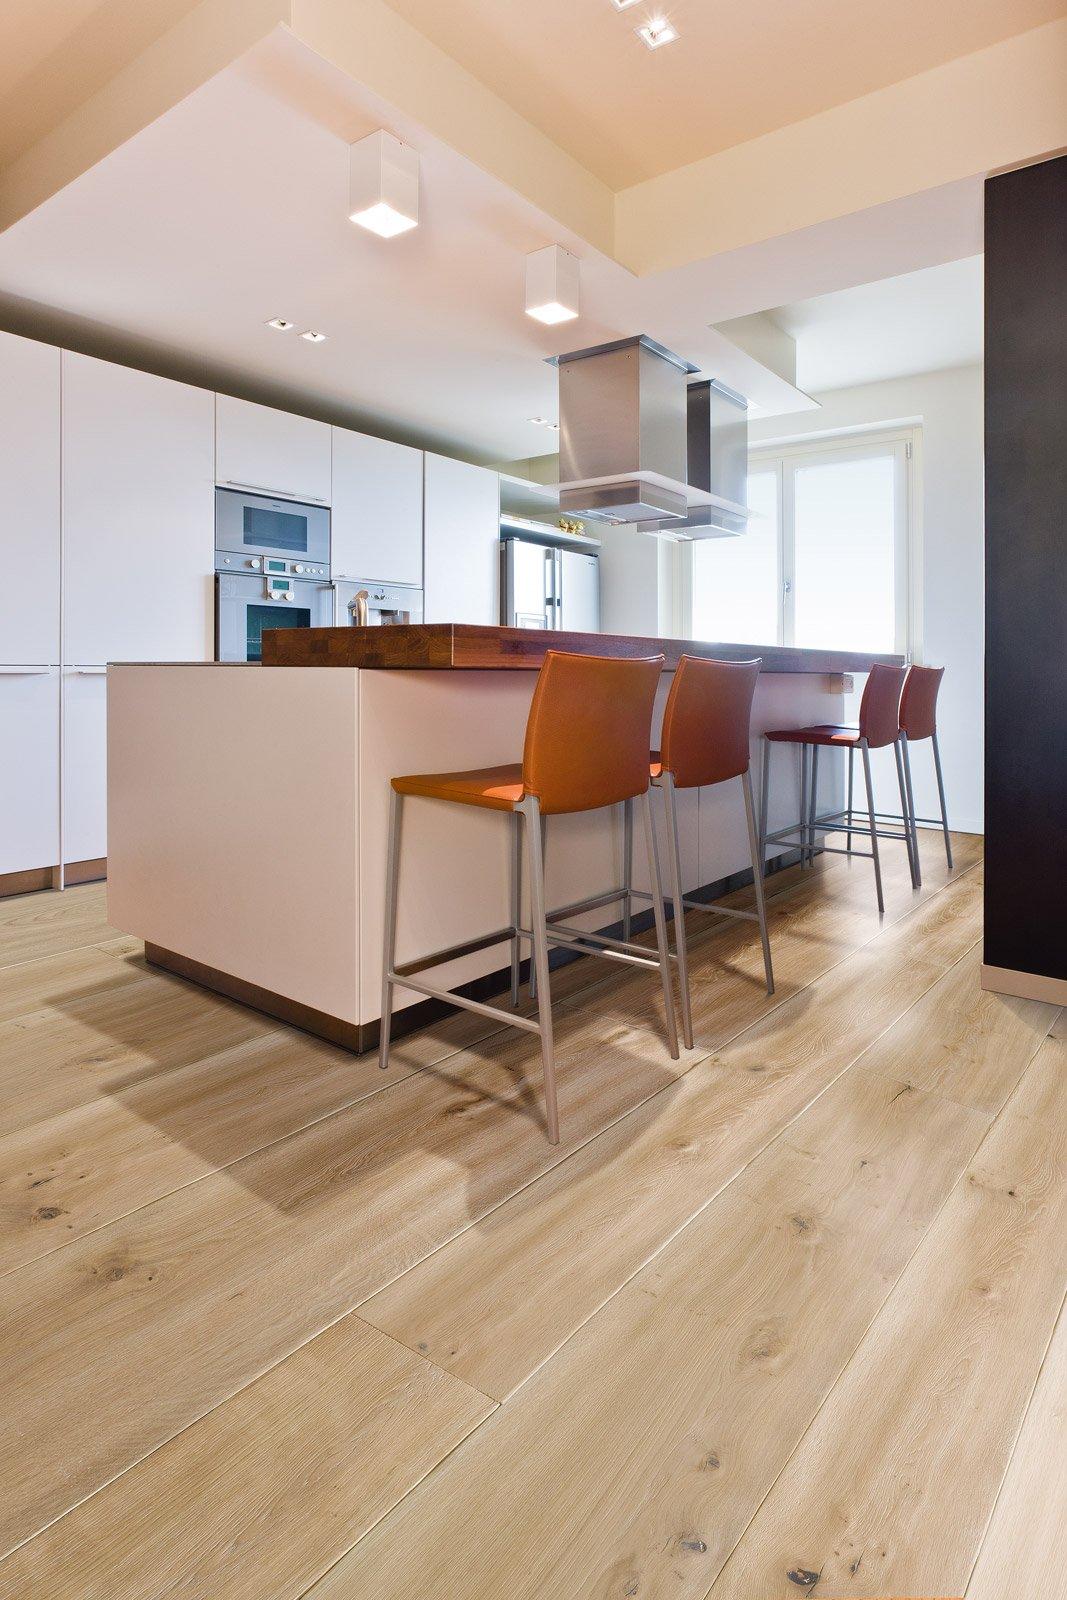 Scegliere il pavimento della cucina effetto legno parquet cotto cose di casa - Pulire mobili legno cucina ...